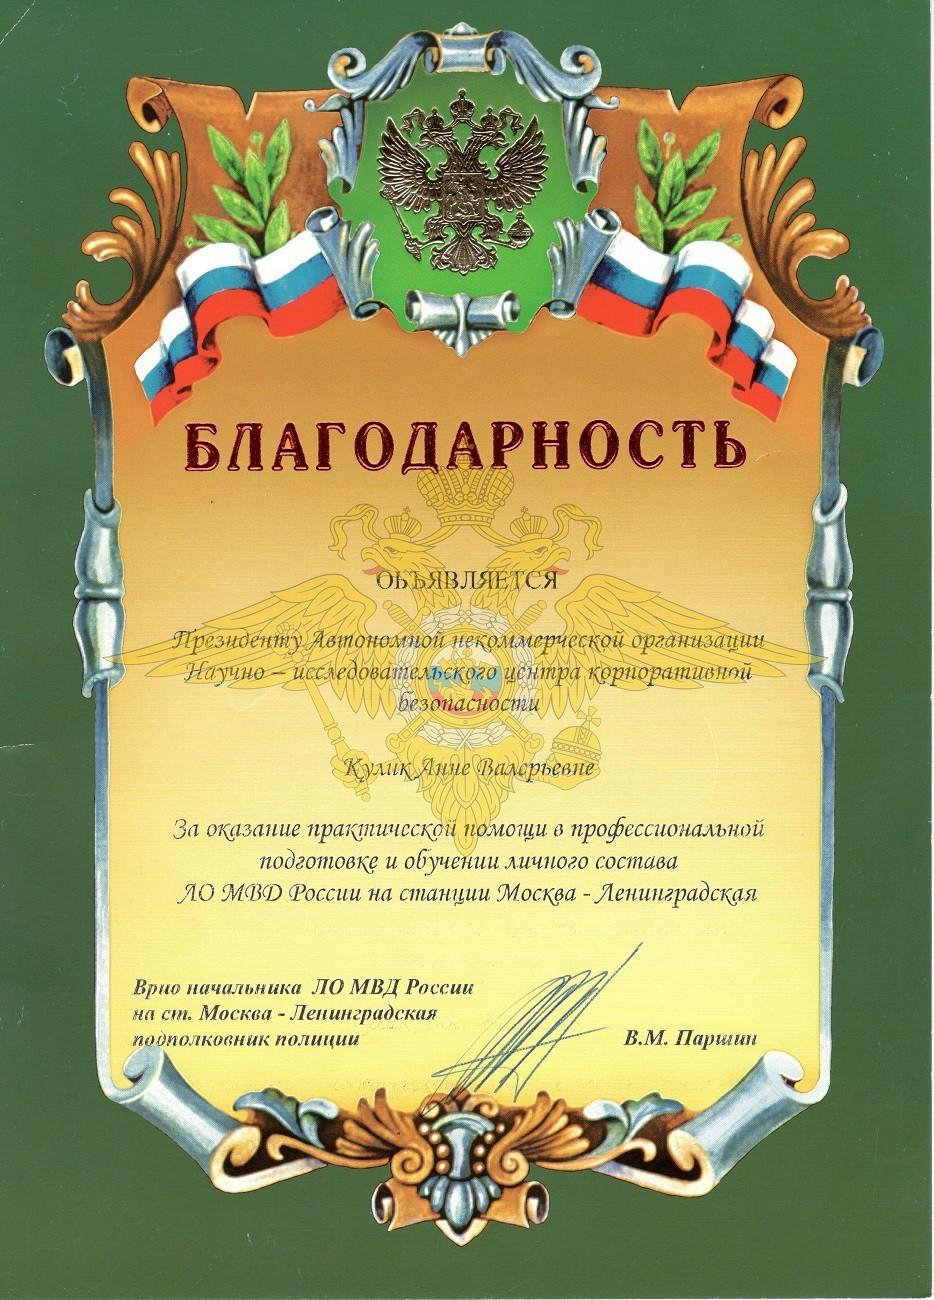 Благодарность МВД Москва-Ленинградская Кулик